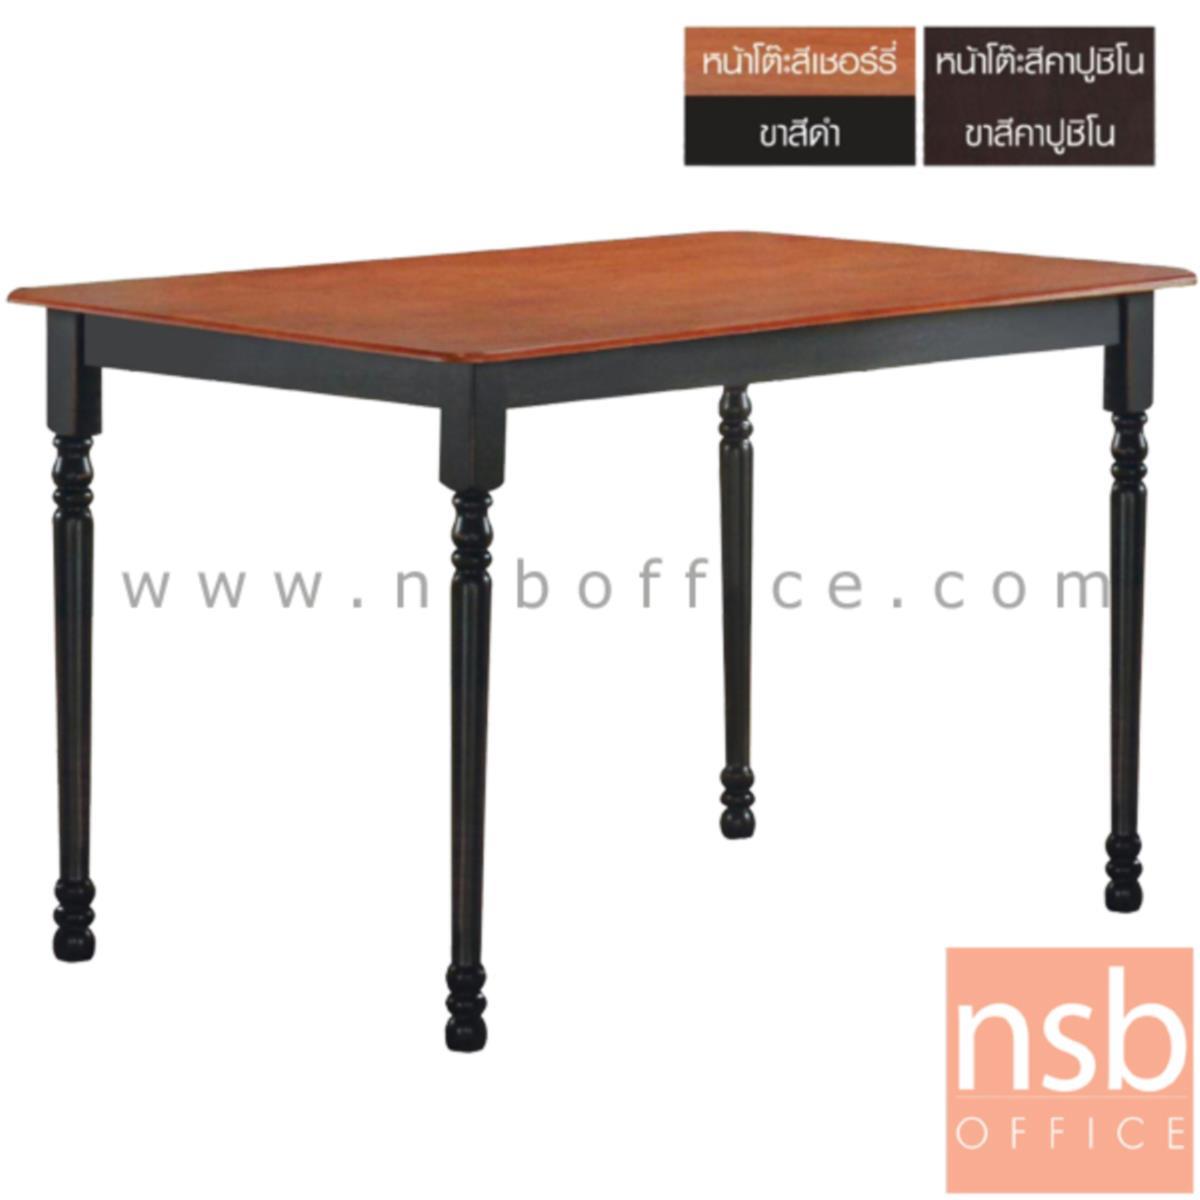 G14A155:โต๊ะรับประทานอาหารหน้าไม้วีเนียร์ รุ่น Vernors (เวอร์เนอร์) ขนาด 120W cm. ขาไม้กลึงลาย